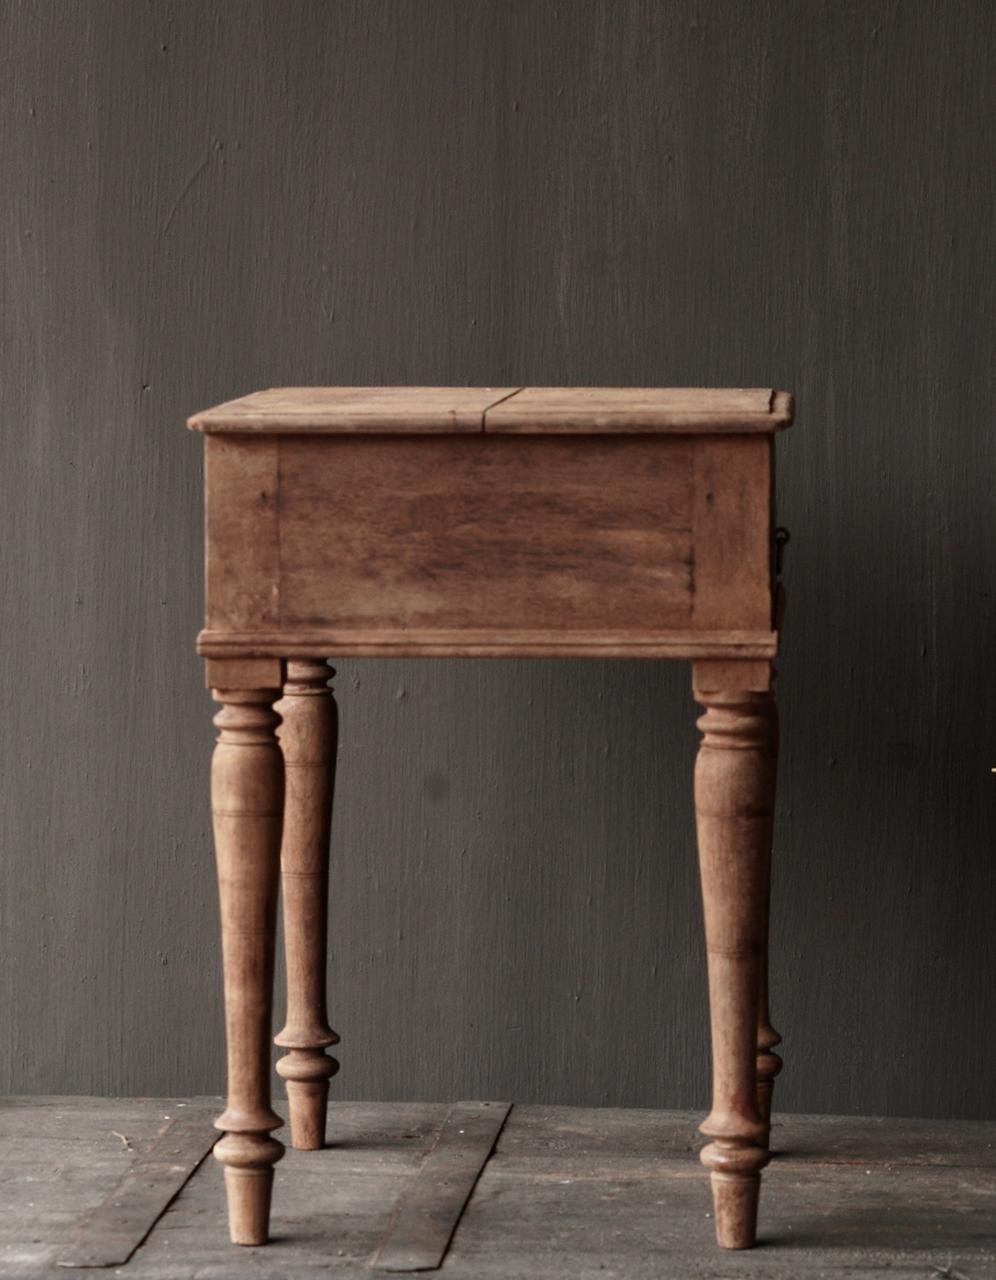 Einzigartiger alter authentischer Holzminitisch-5